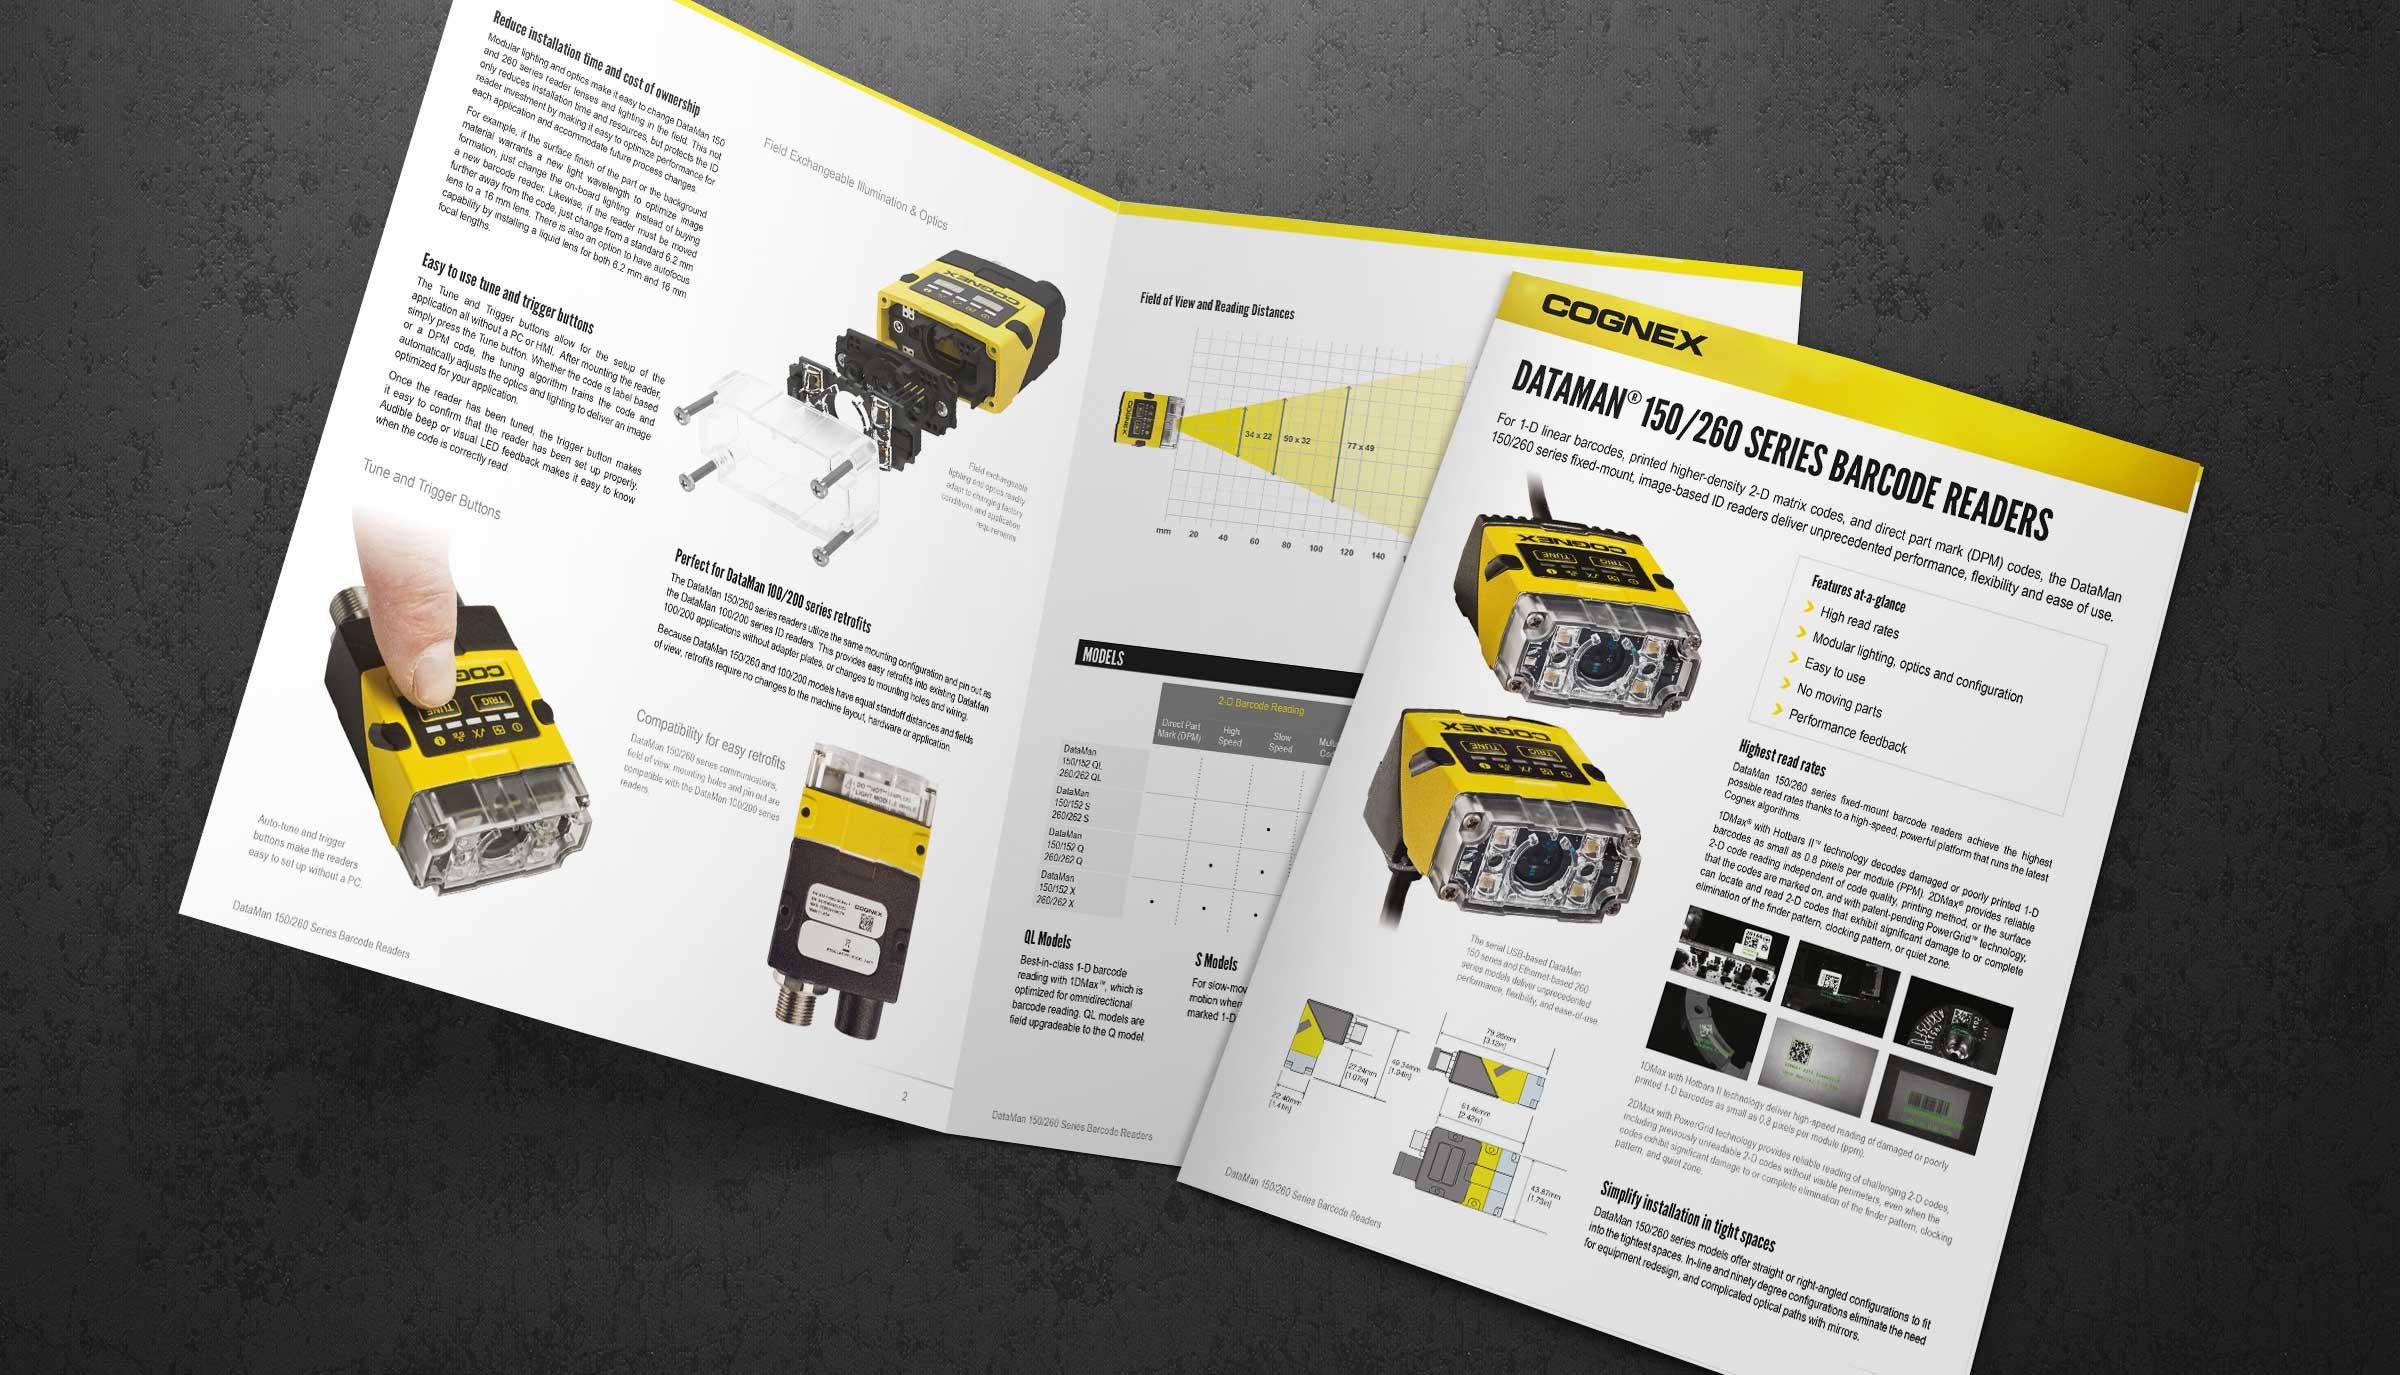 Gognex Dataman Product Datasheets